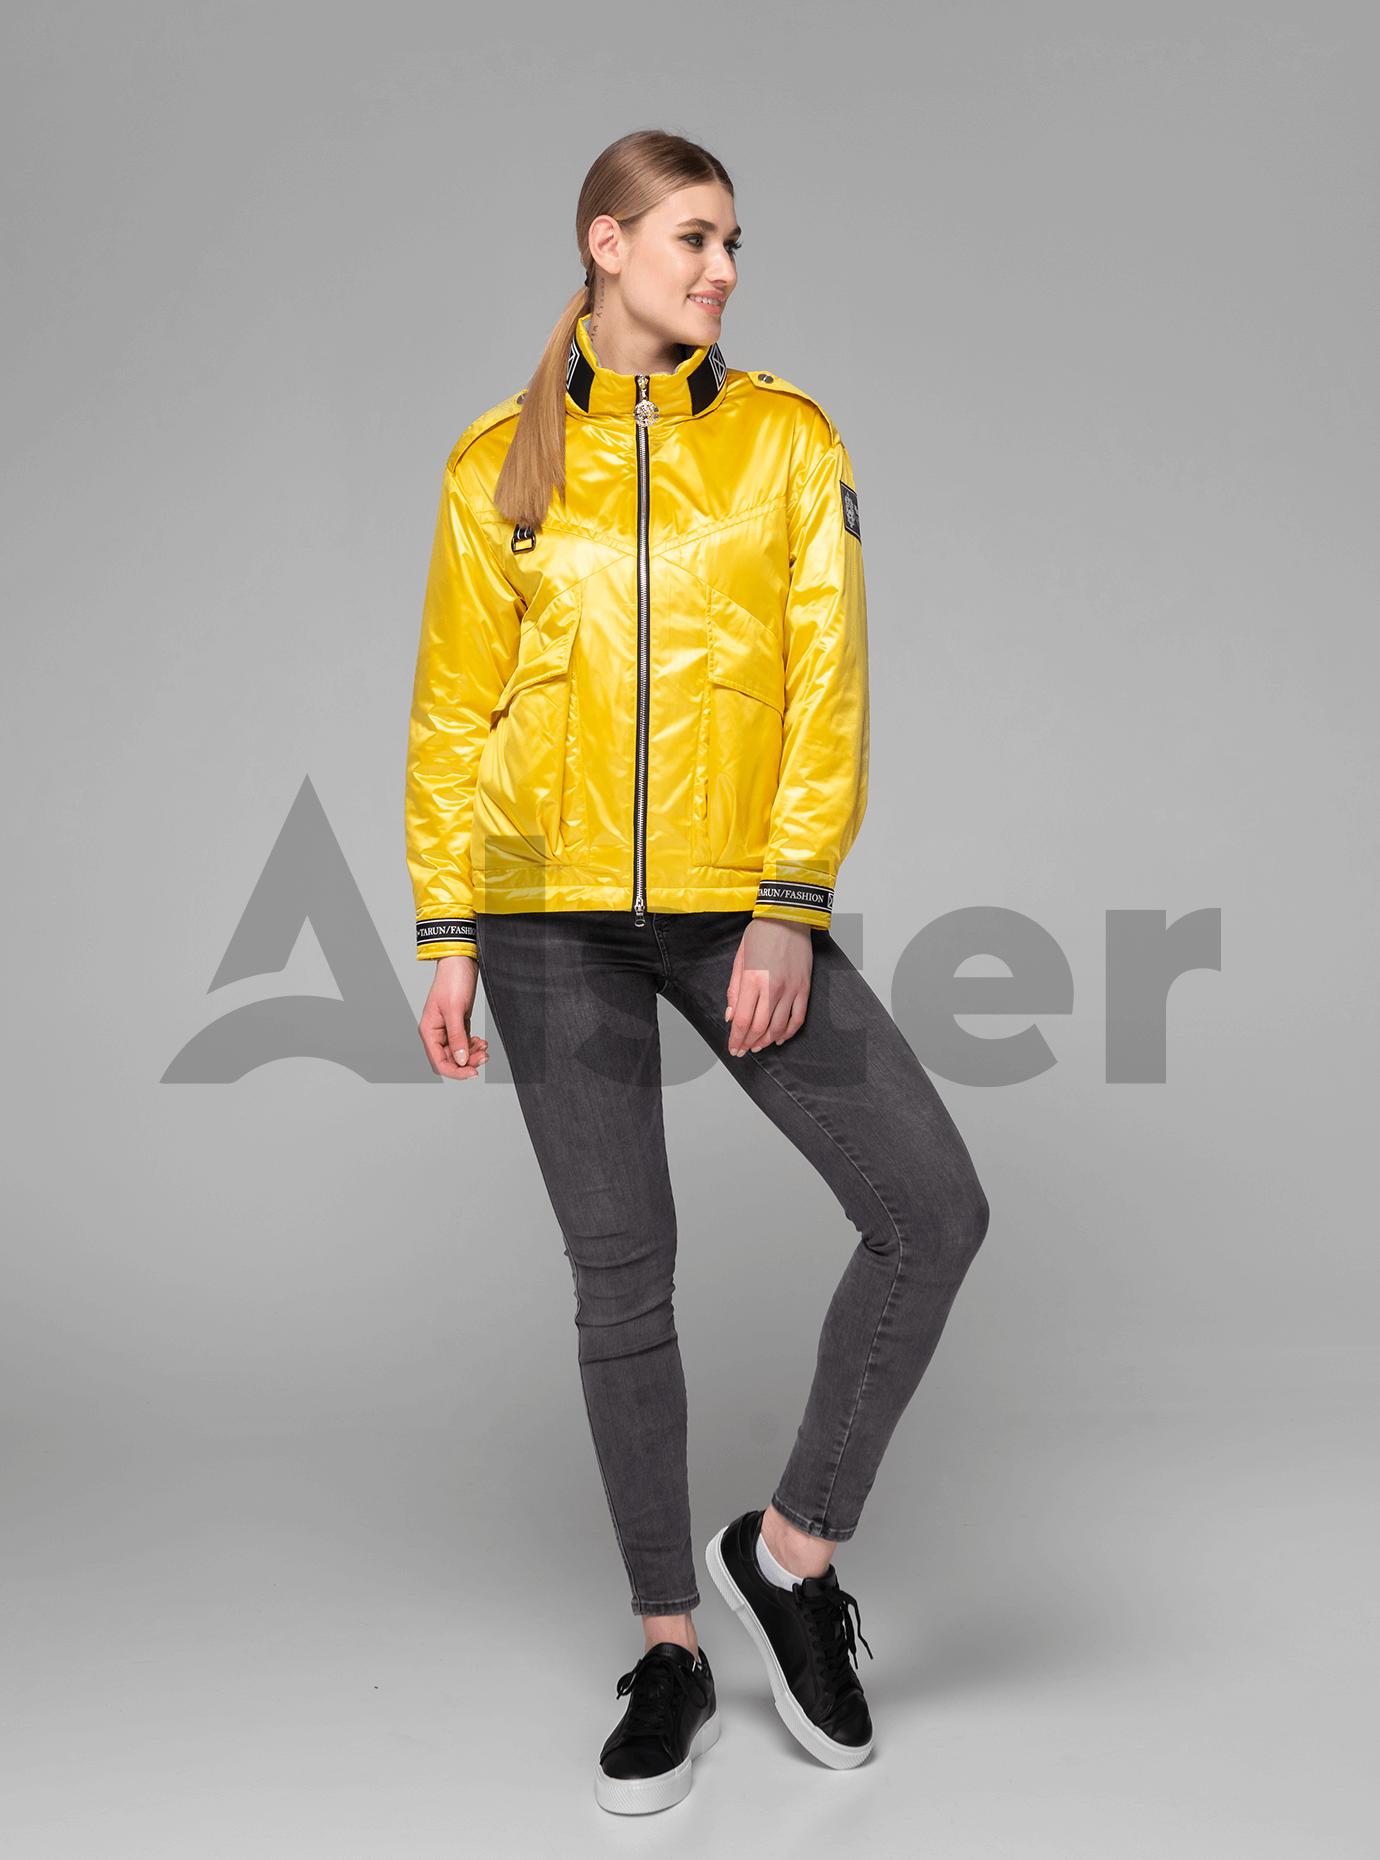 Куртка демисезонная короткая с накладными карманами Жёлтый S (02-V191066): фото - Alster.ua